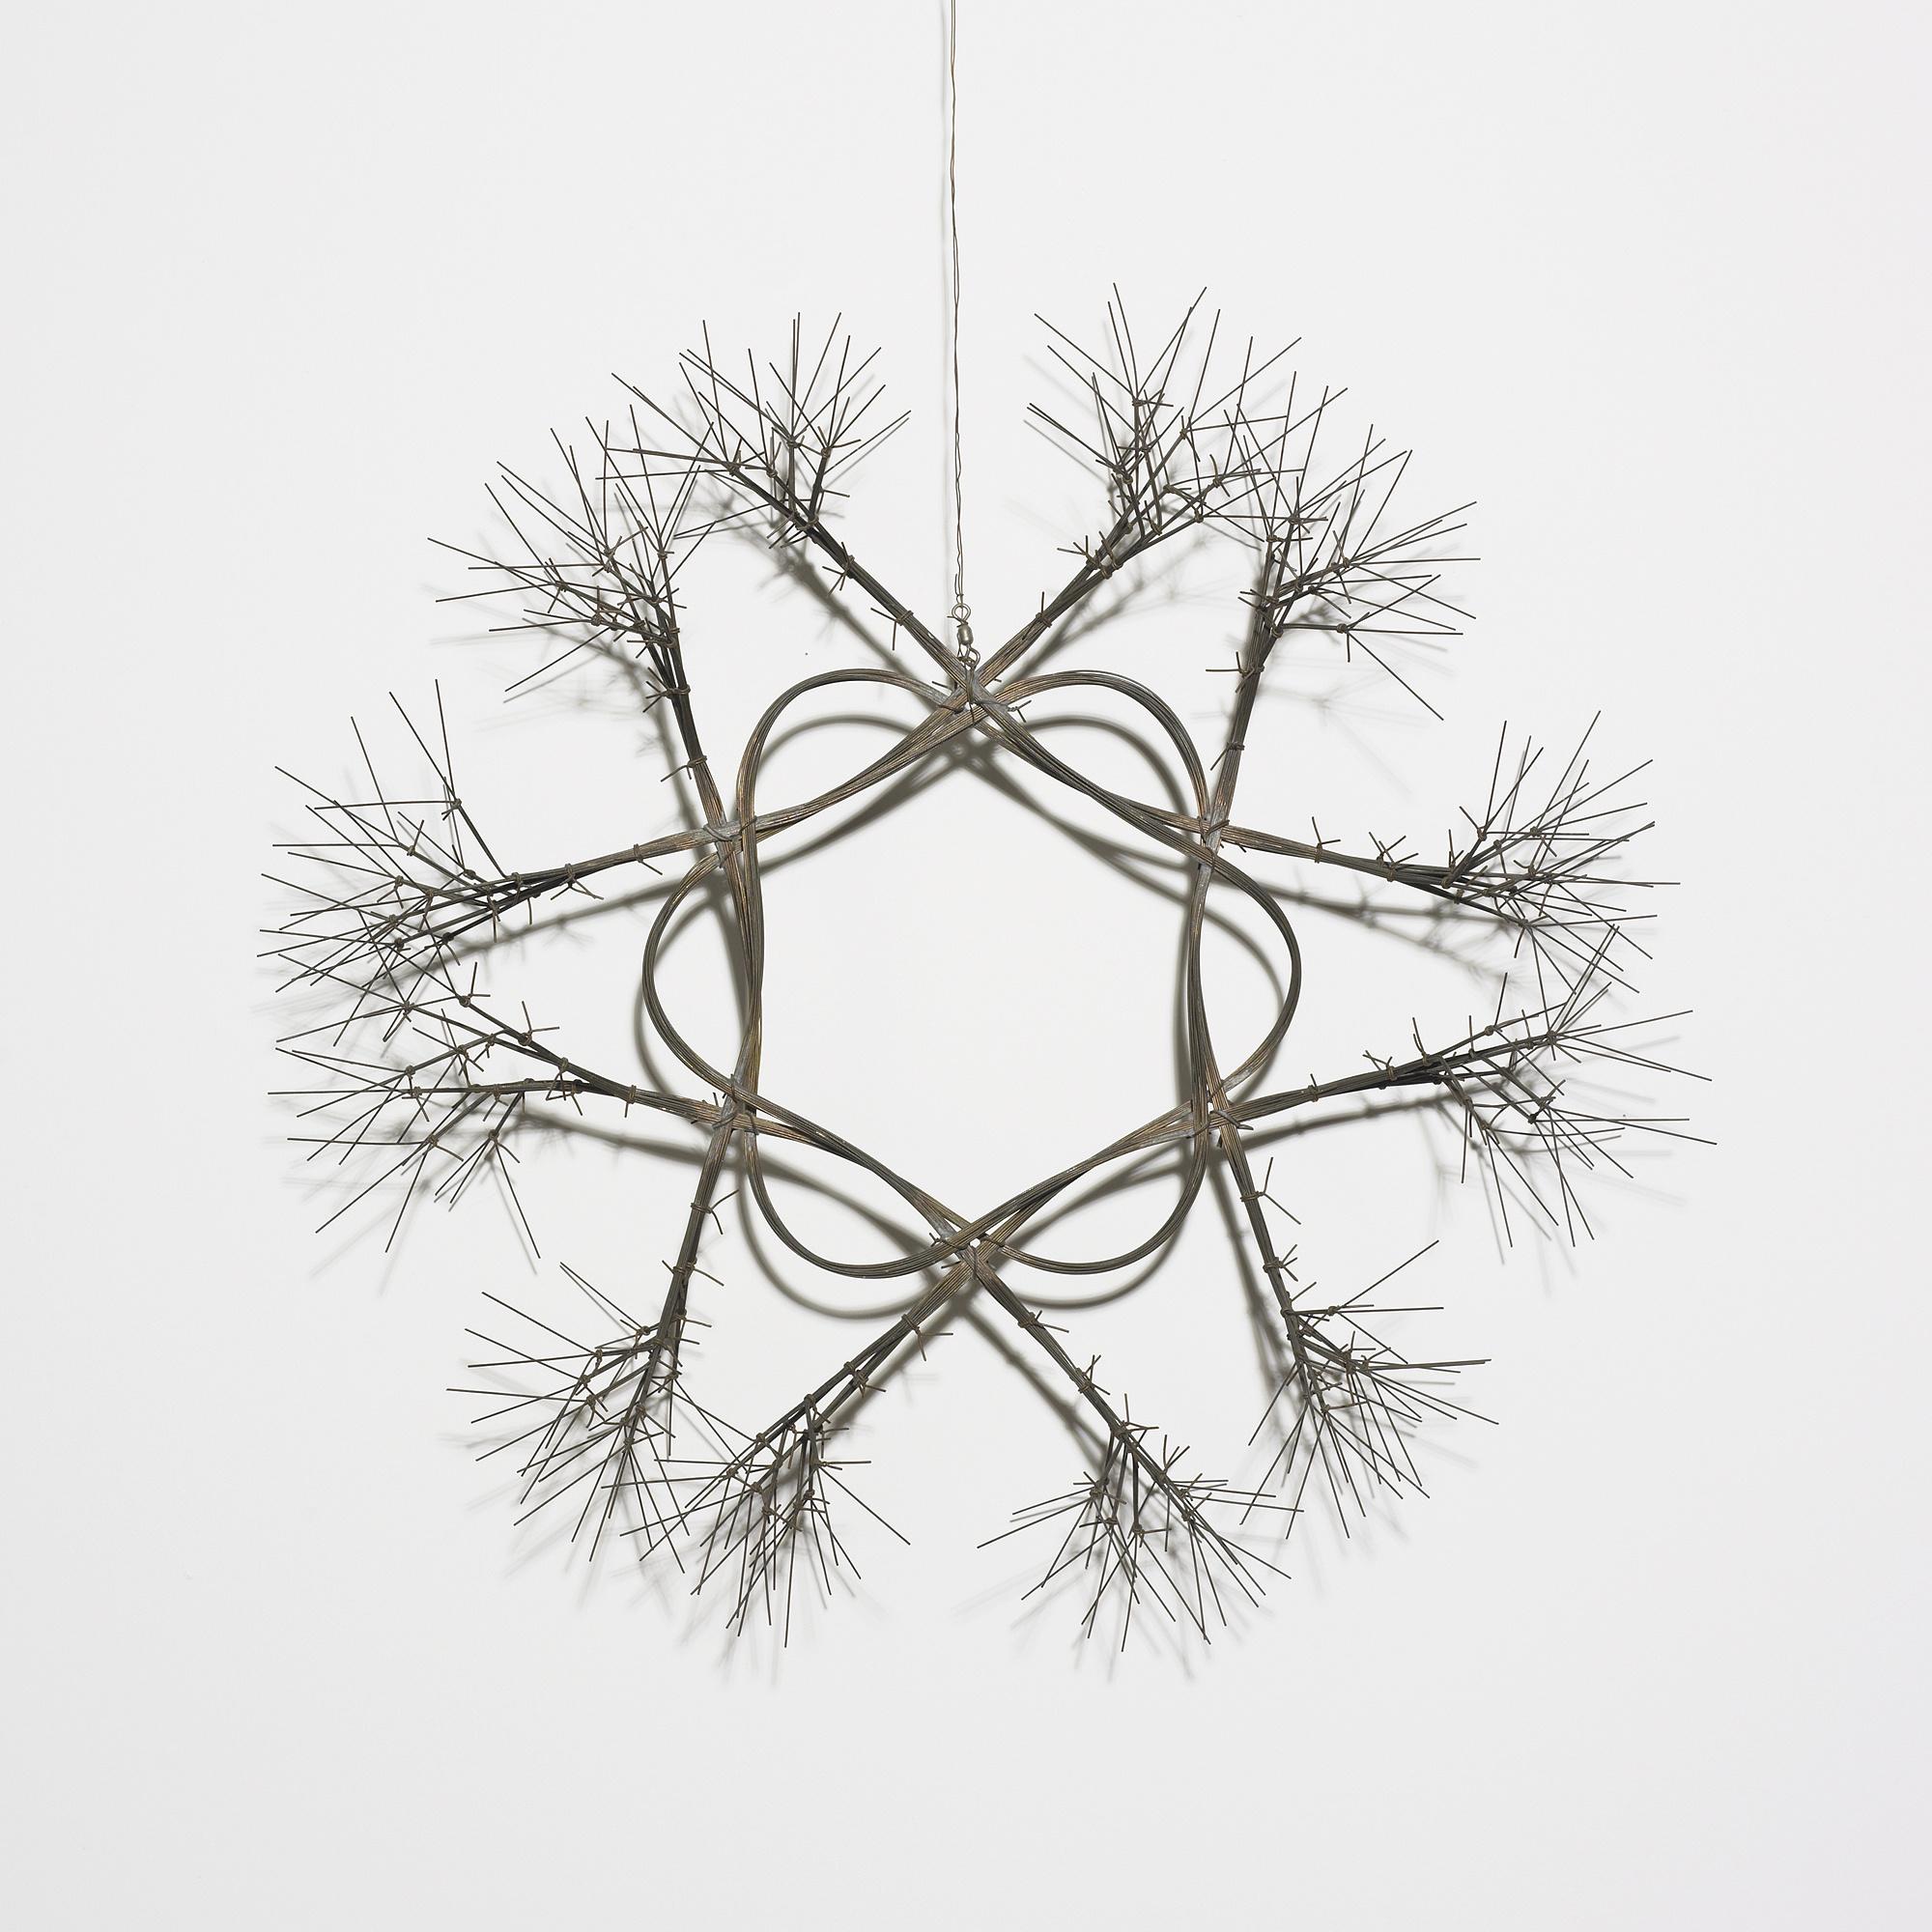 224: RUTH ASAWA, untitled (Snowflake) < Post War + Contemporary Art ...